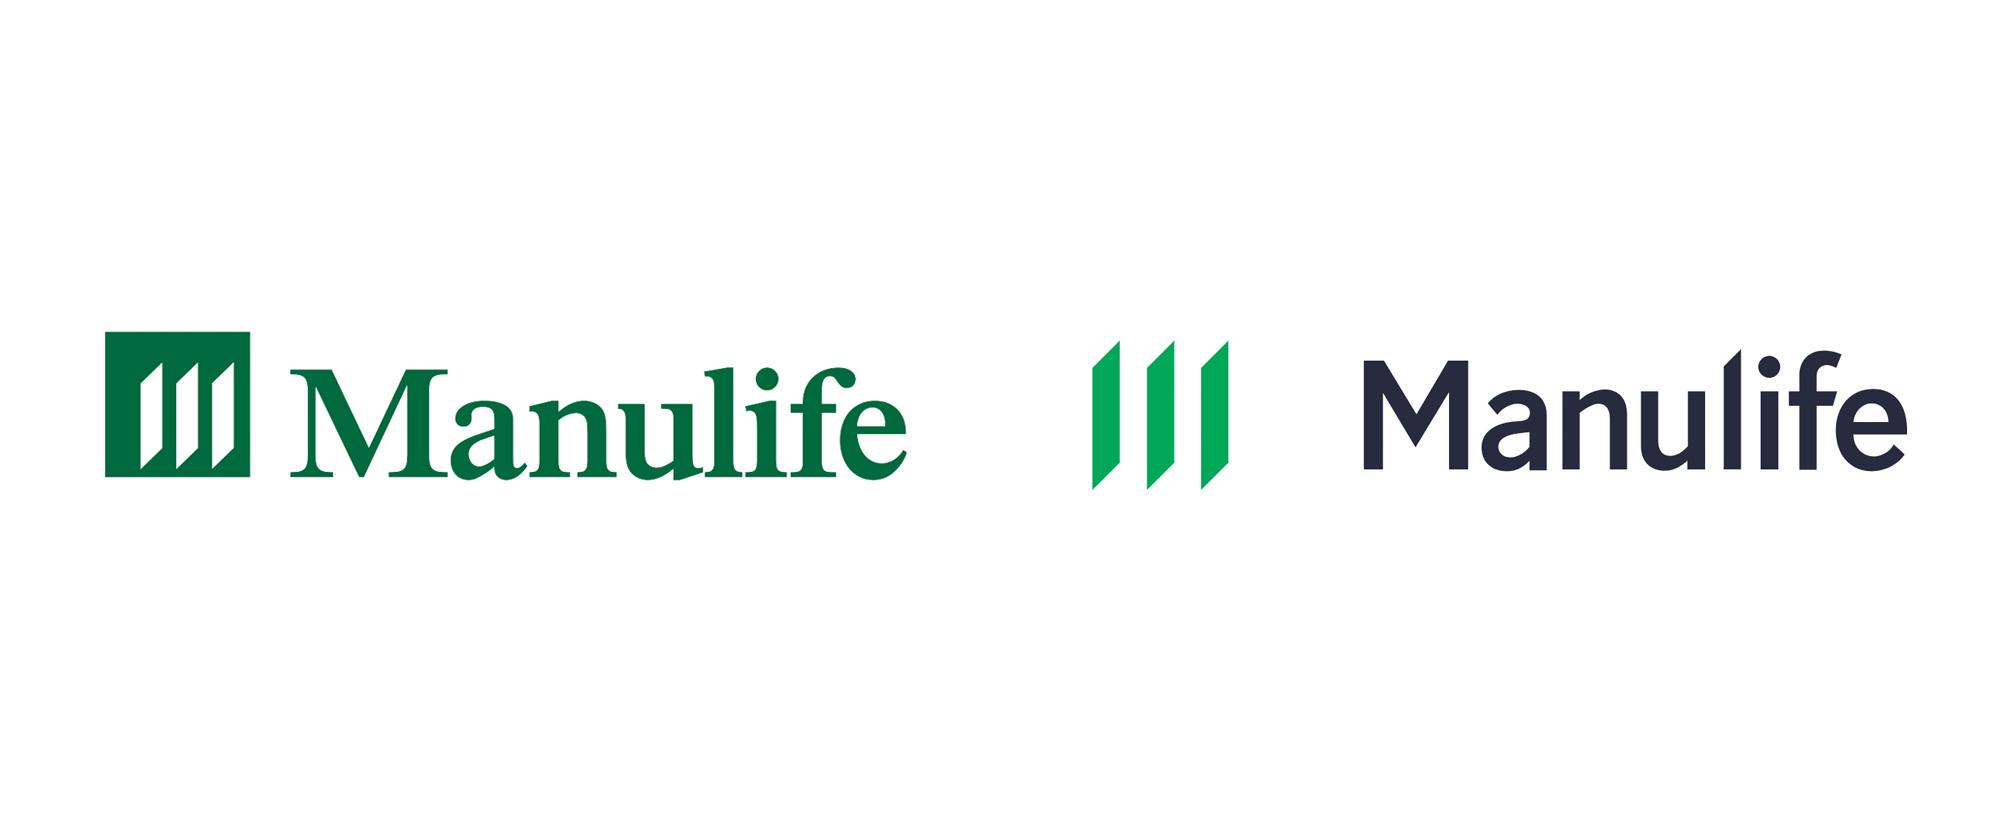 New Logo For Manulife Logos Logo Design Company Logo